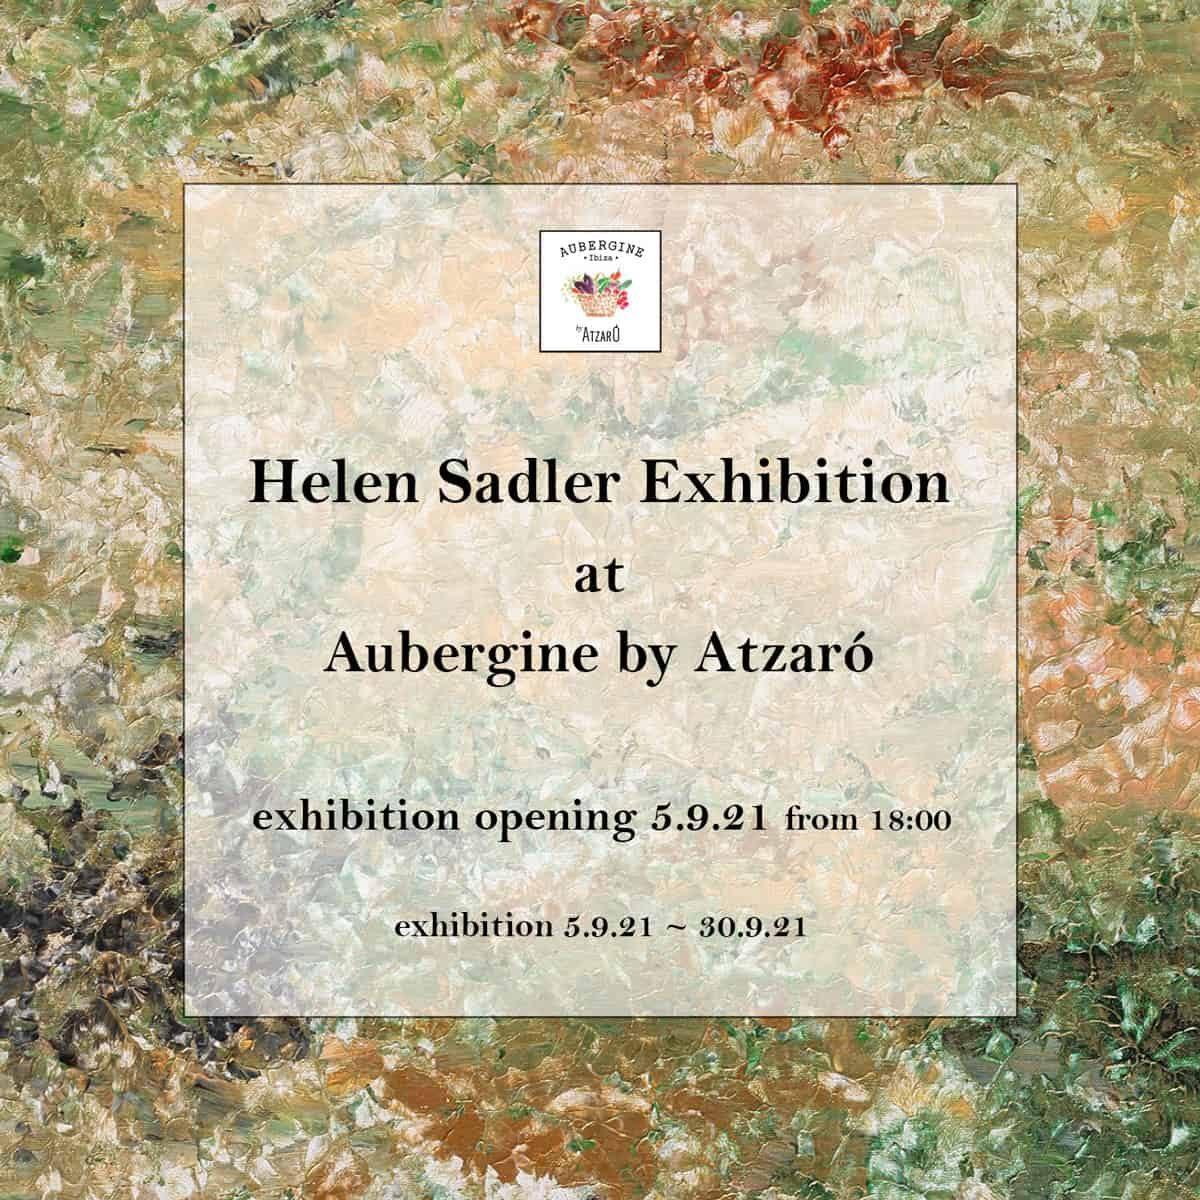 exhibition-helen-sadler-aubergine-ibiza-2021-welcometoibiza